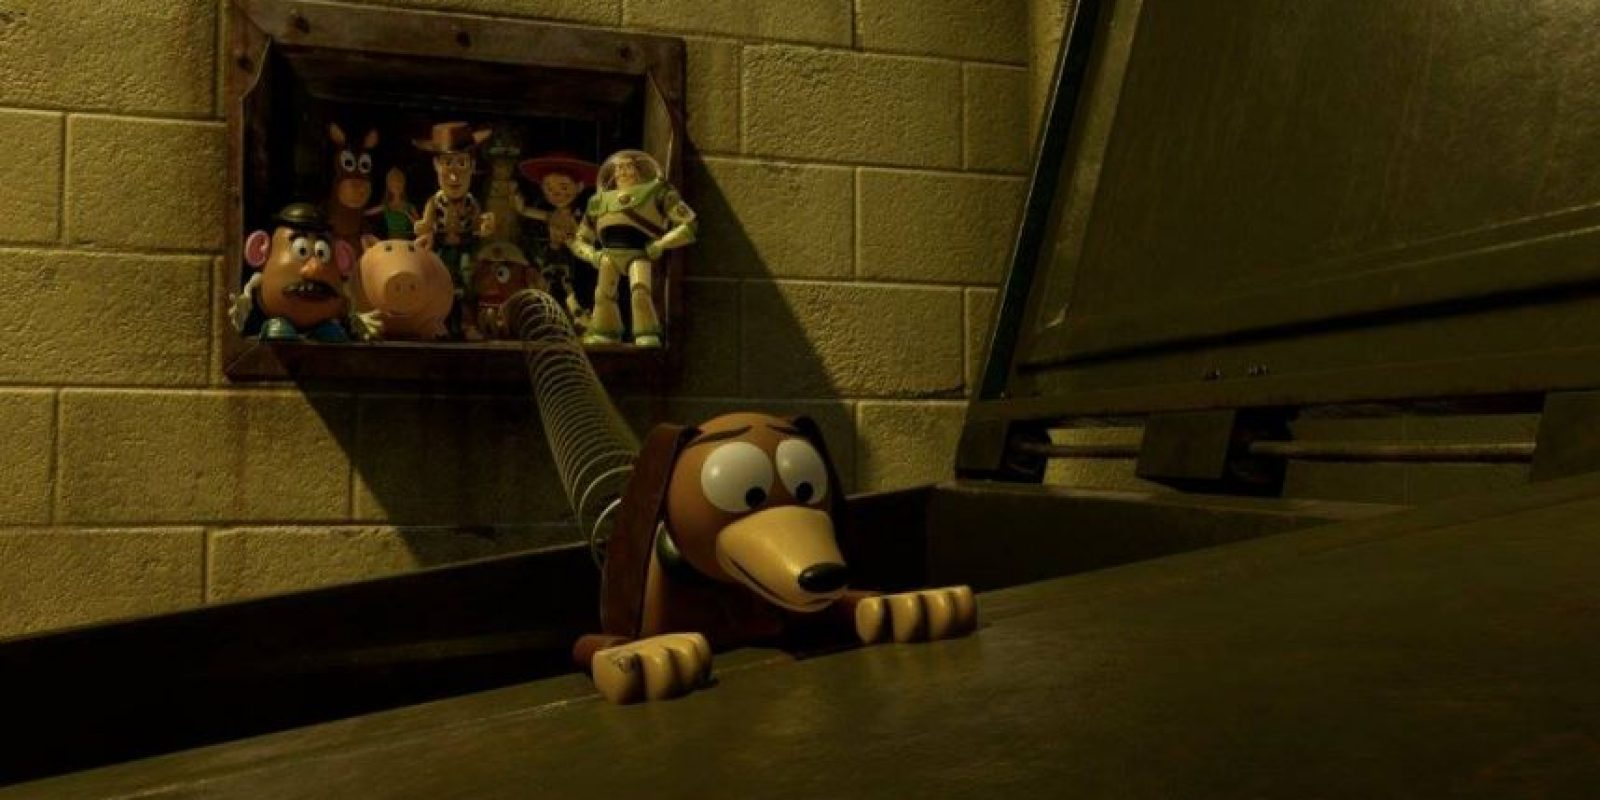 """Una alegoría popular de las redes sociales, indica que el vaquero """"Woody"""" y sus amigos juguetes representan a la comunidad judía. Foto:vía facebook.com/PixarToyStory"""